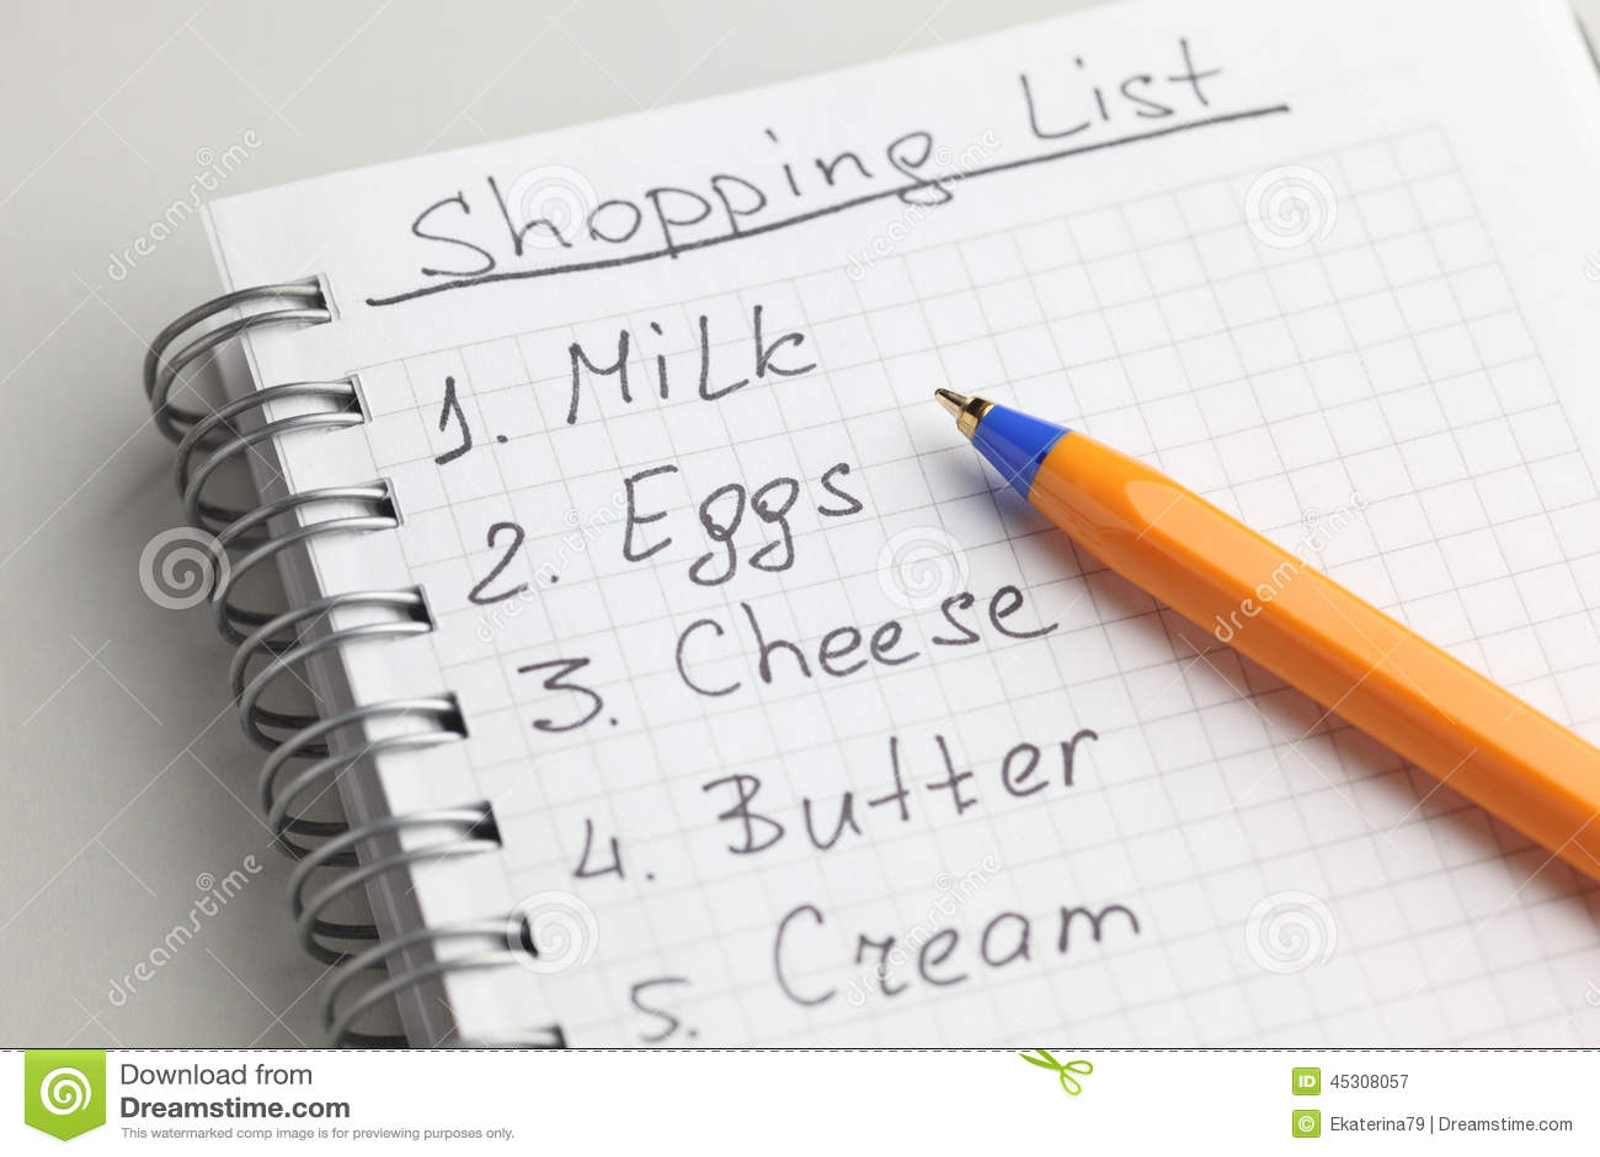 Handwritten shopping list with ballpoint pen.